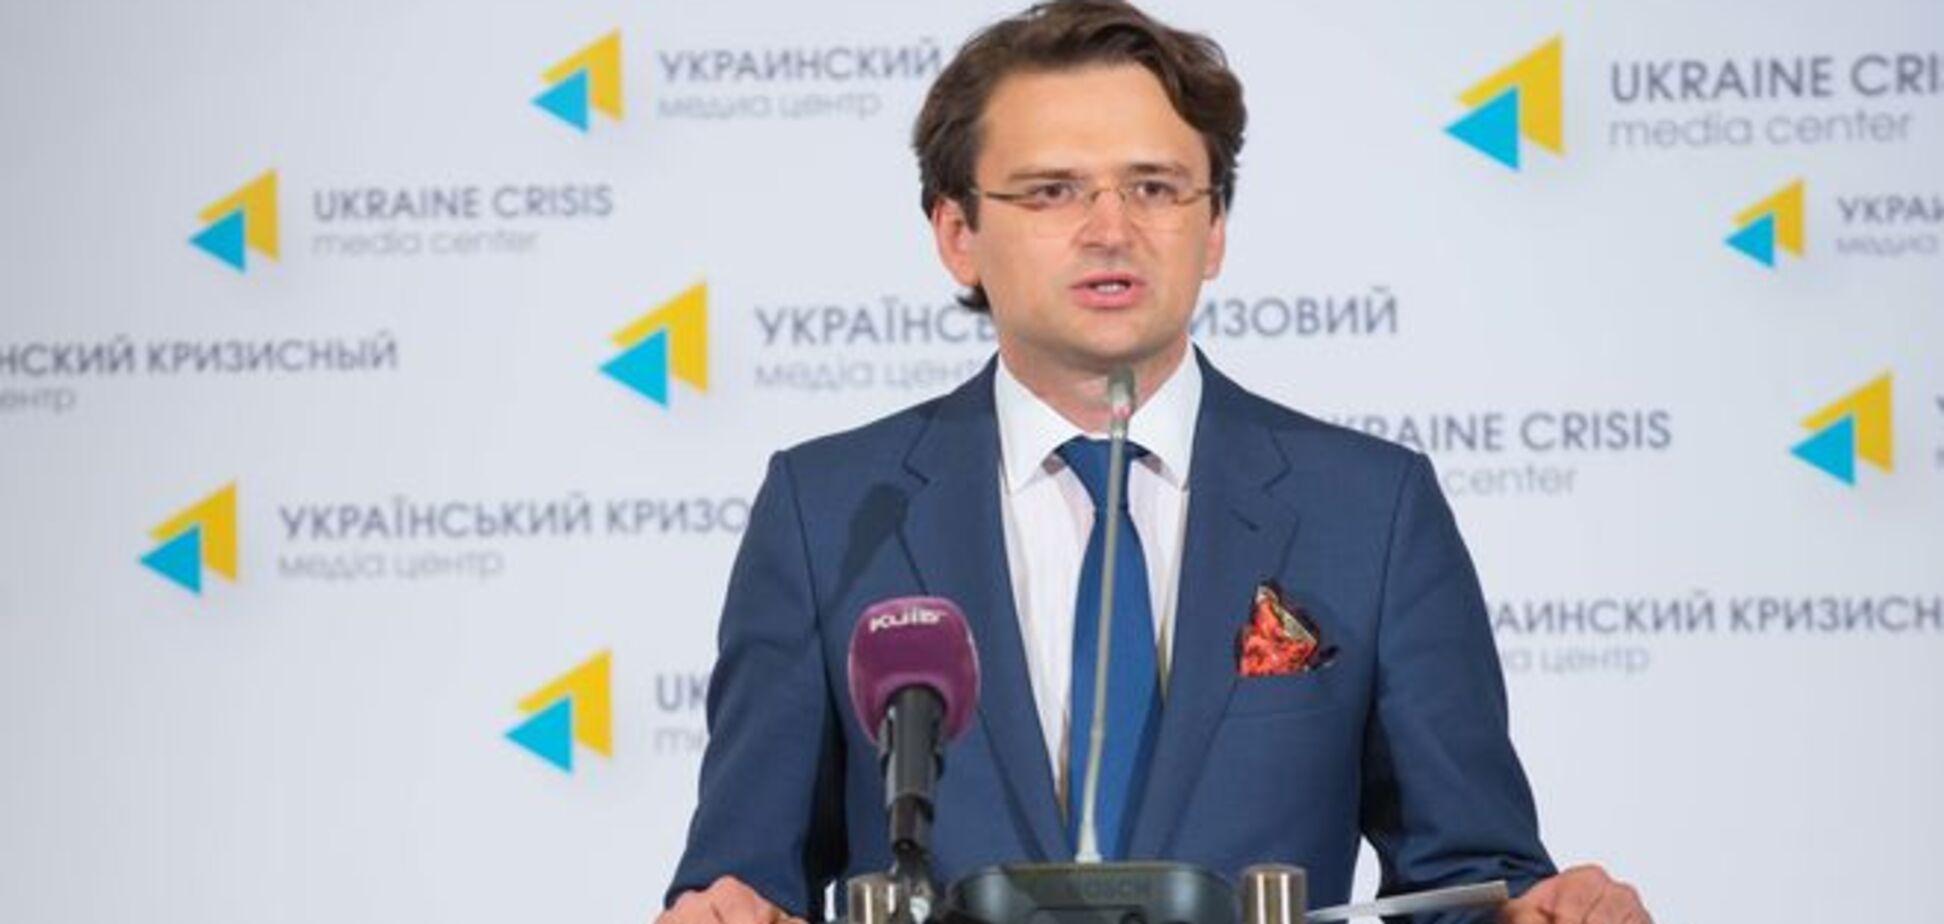 МЗС популярно пояснив посольству Росії, як зустрітися з полоненими ГРУшниками